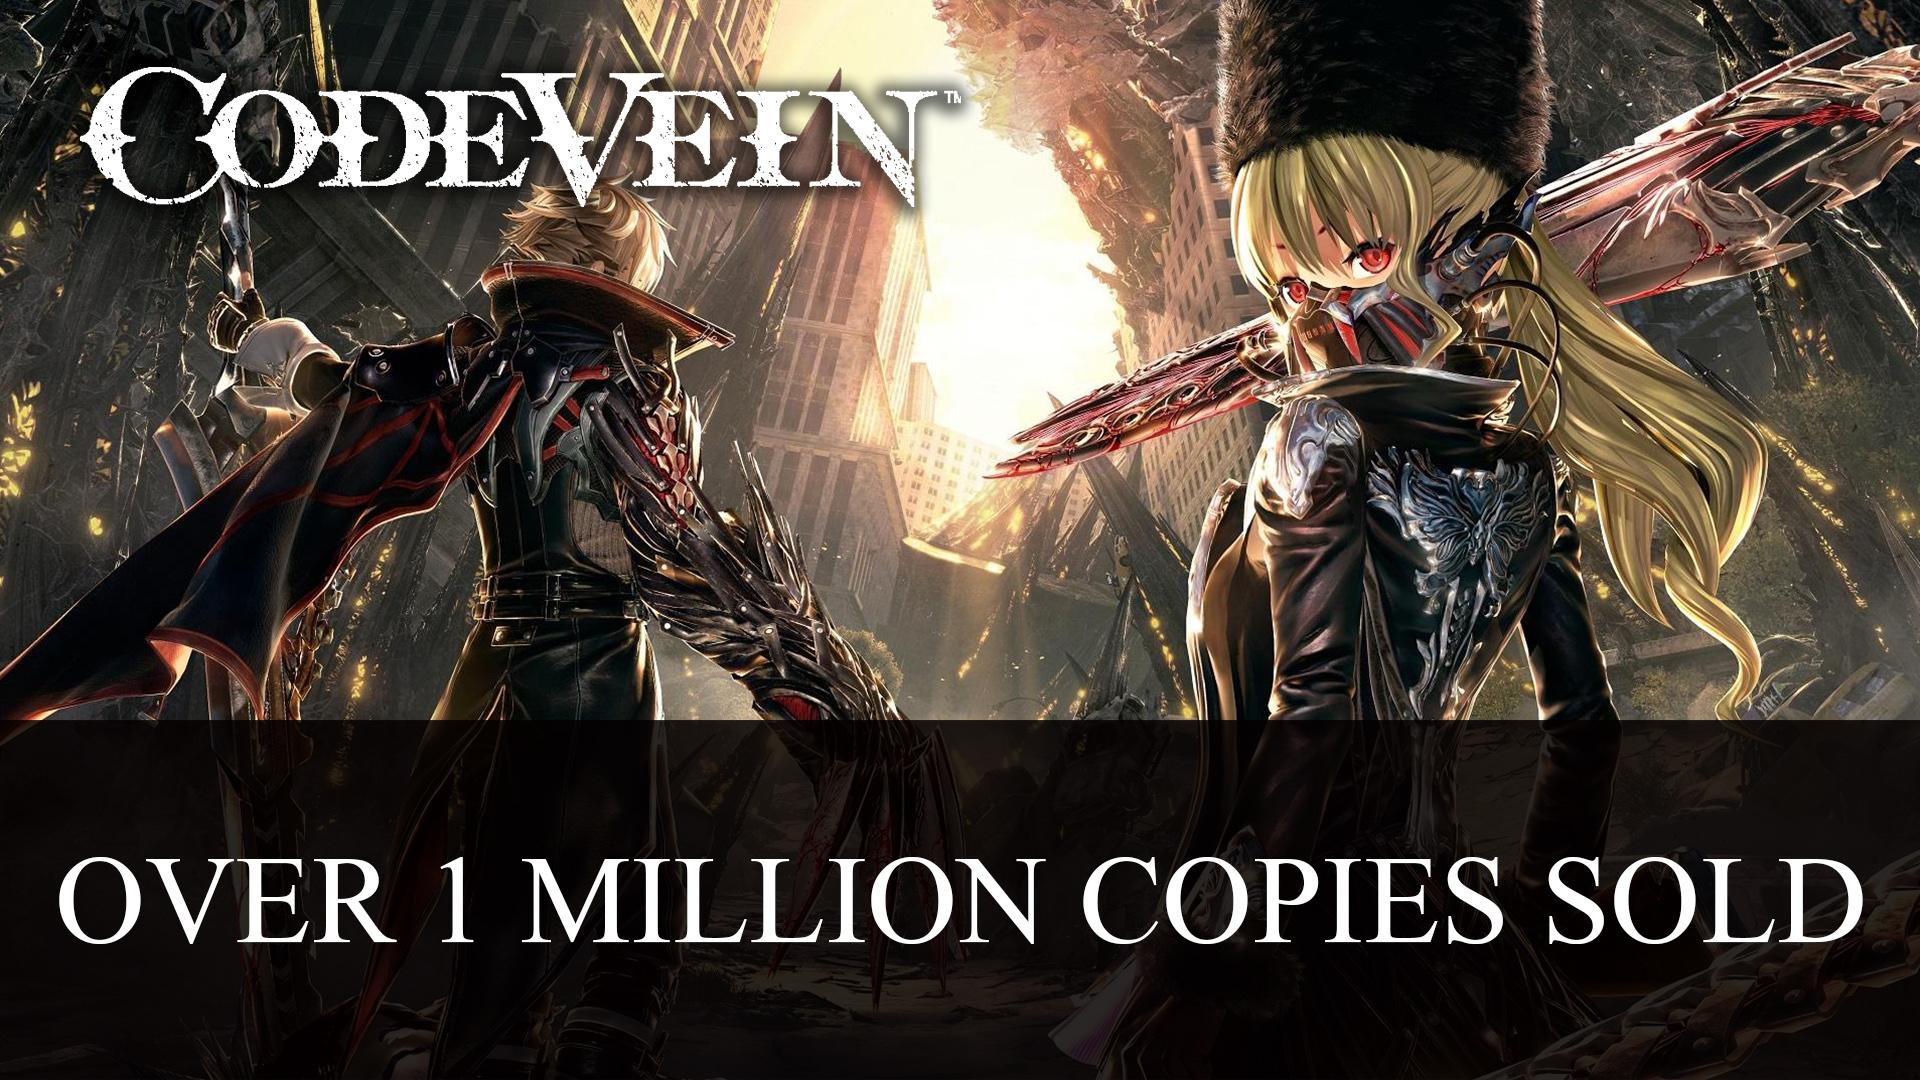 JP scéna: Code Vein slaví a God Eater 3 se rozšiřuje Code Vein over 1 million copies sold